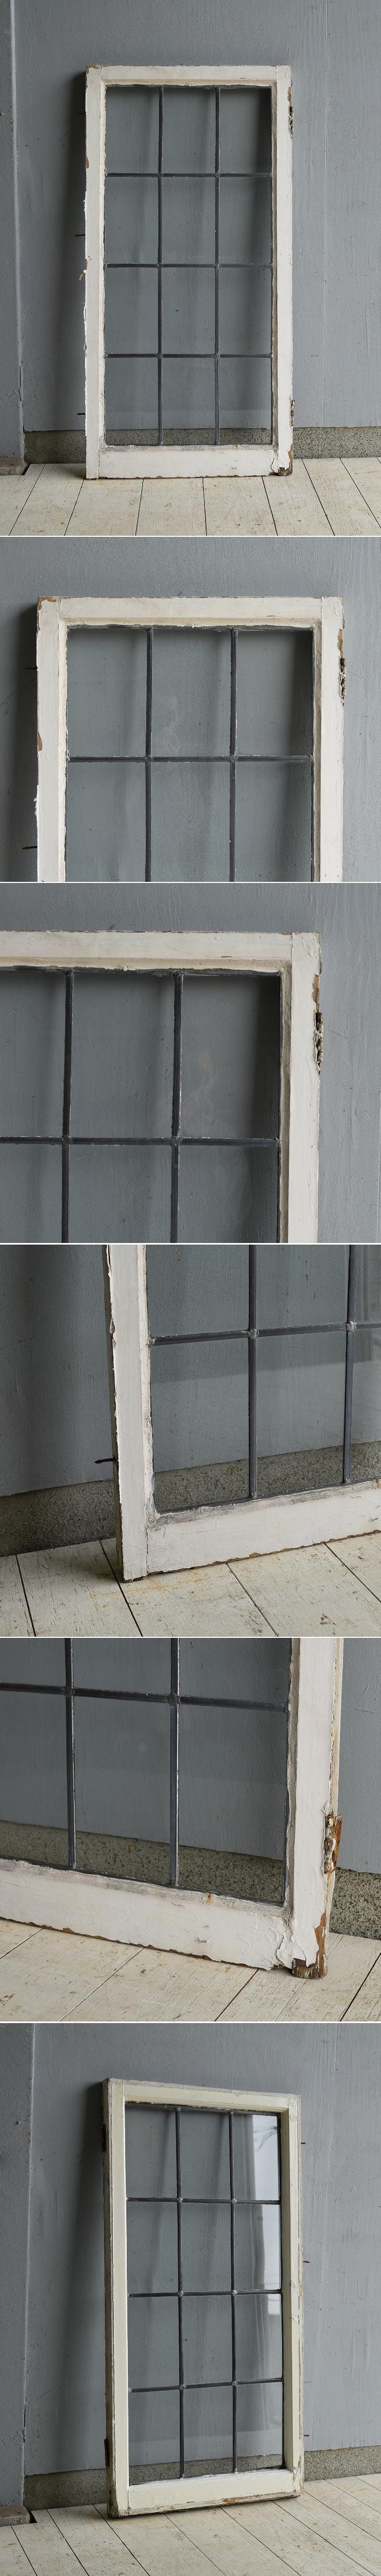 イギリス アンティーク 格子窓 無色透明 7205